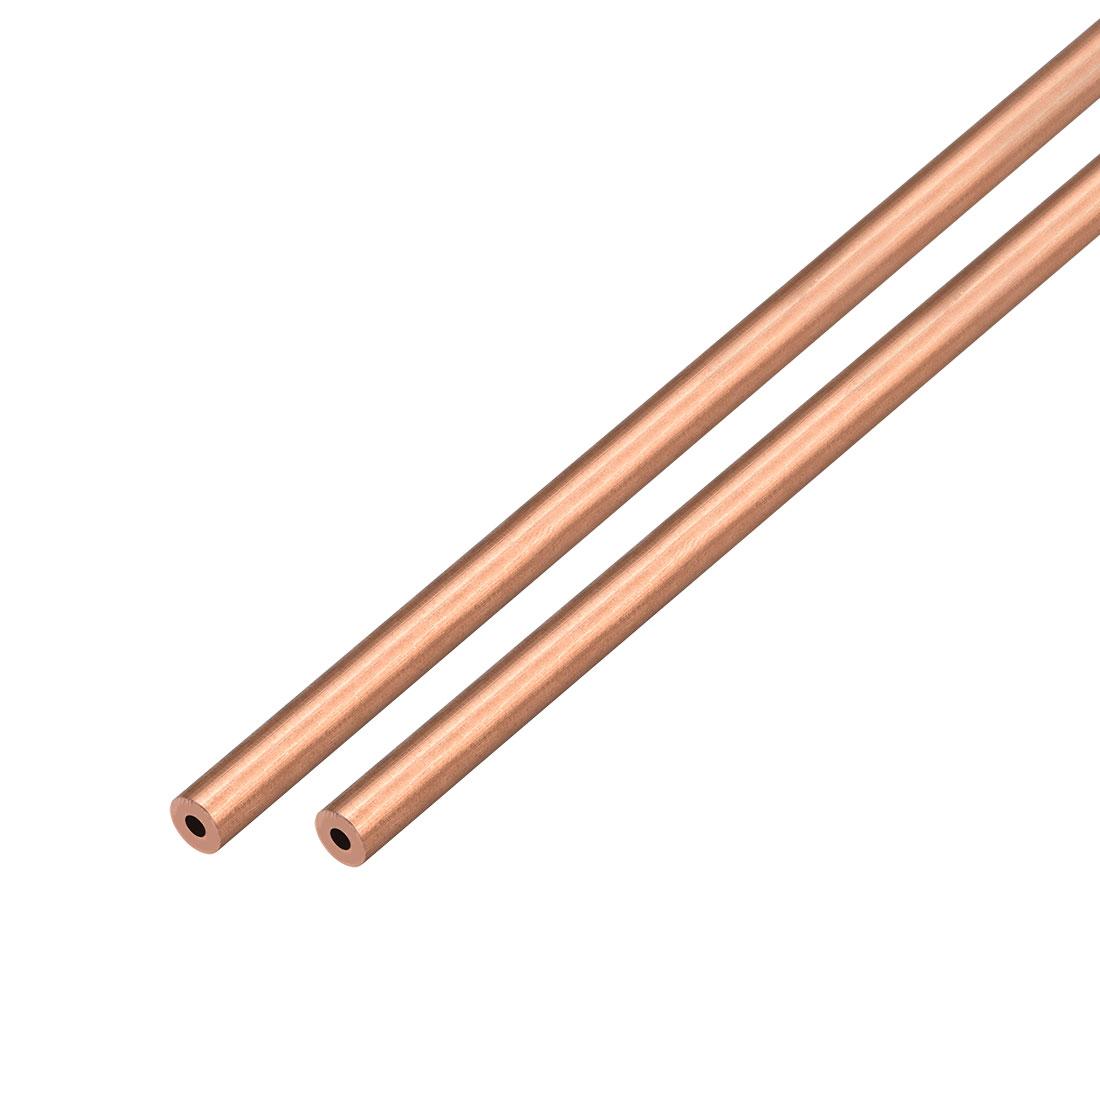 2Pcs 3mm Outside Diameter x 1mm Inside Diameter 500mm Copper Round Tube Pipe